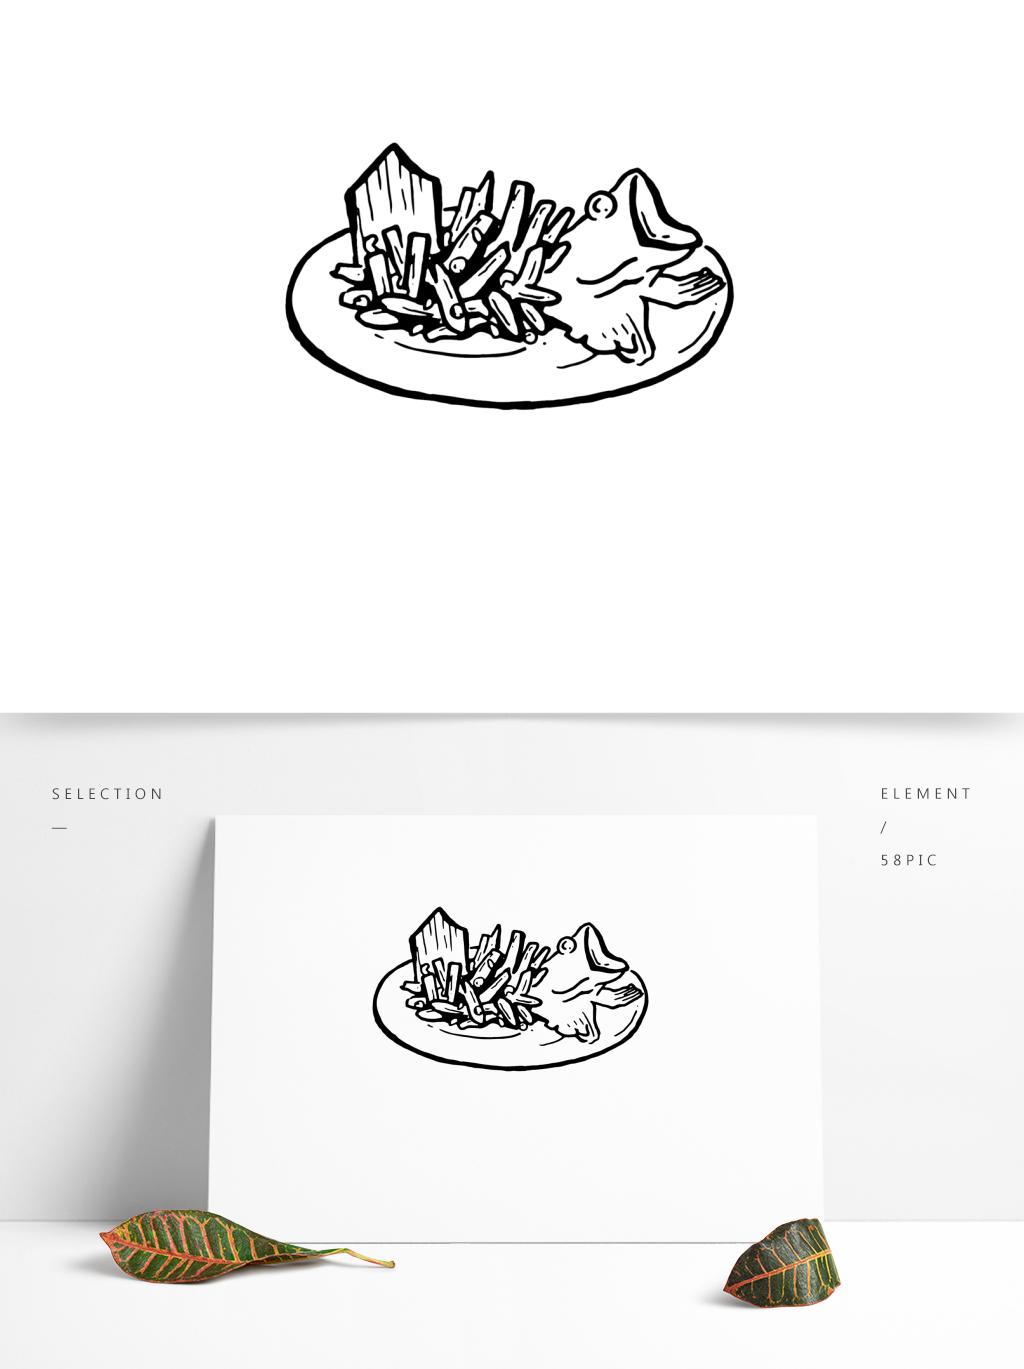 盘中鱼简笔画可商用元素图片素材 AI格式 下载 其他大全